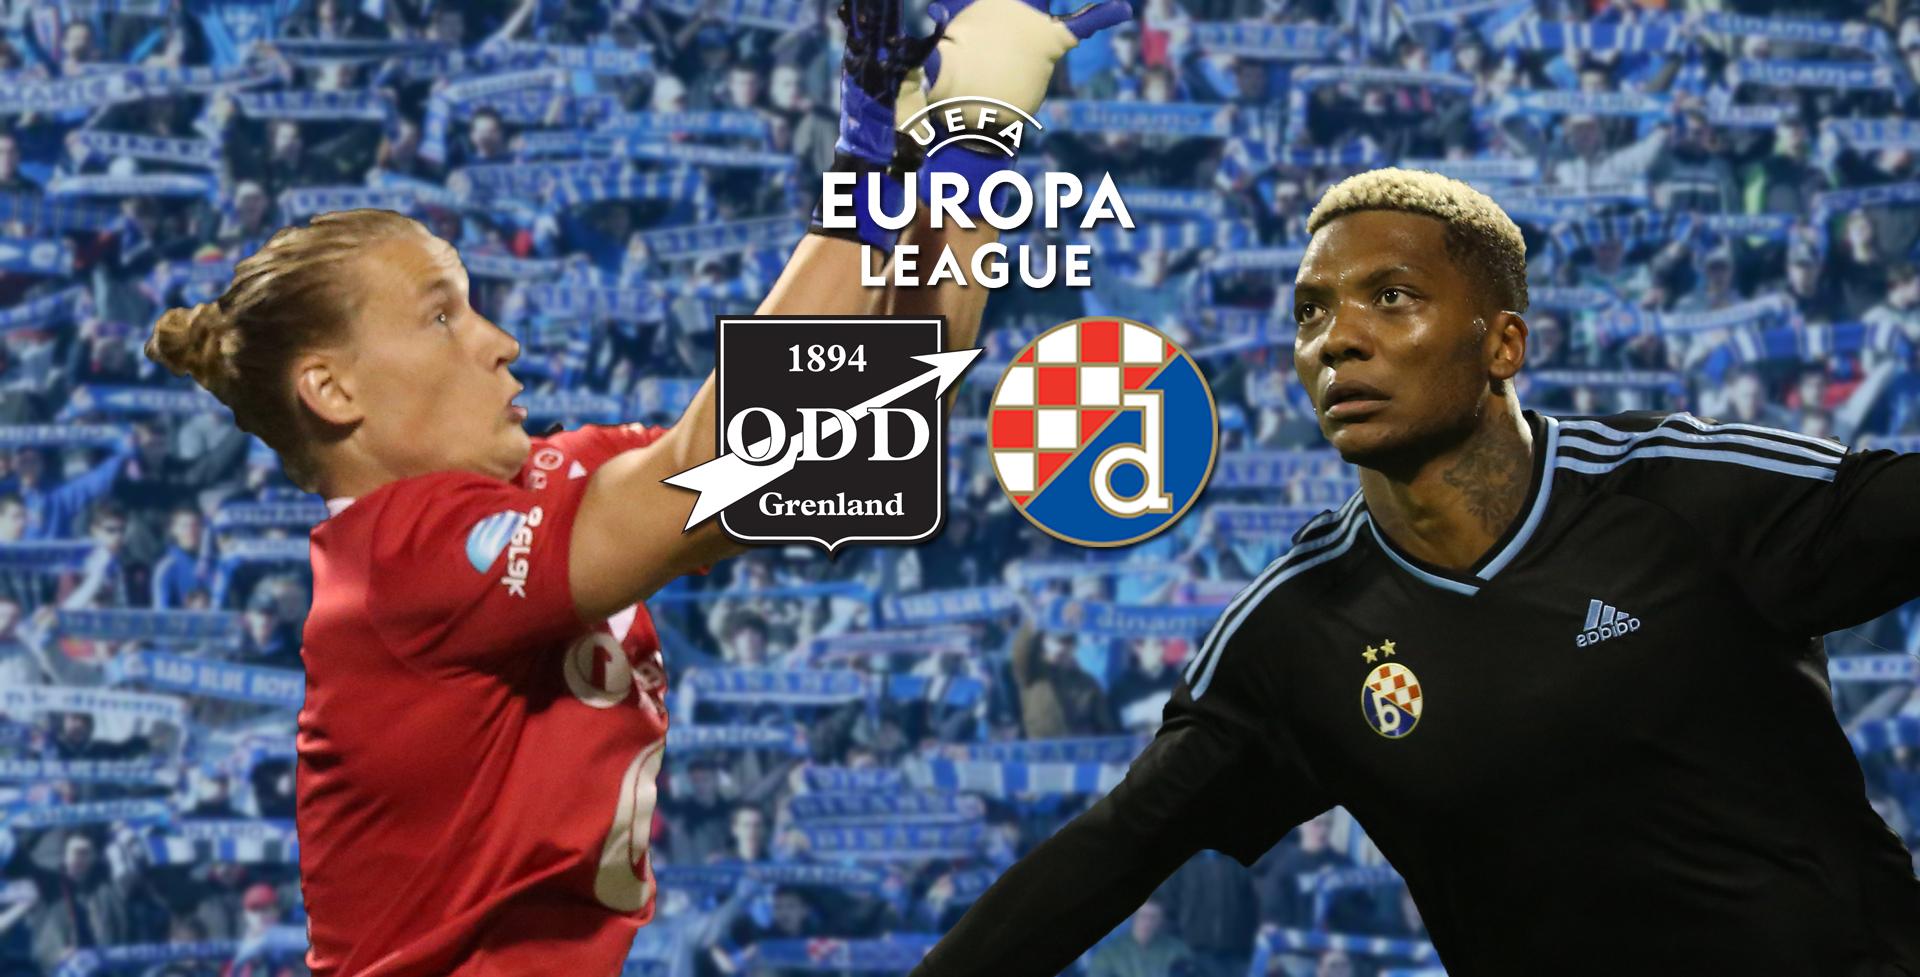 UŽIVO Dinamo i Odds bez golova, Modri u playoffu